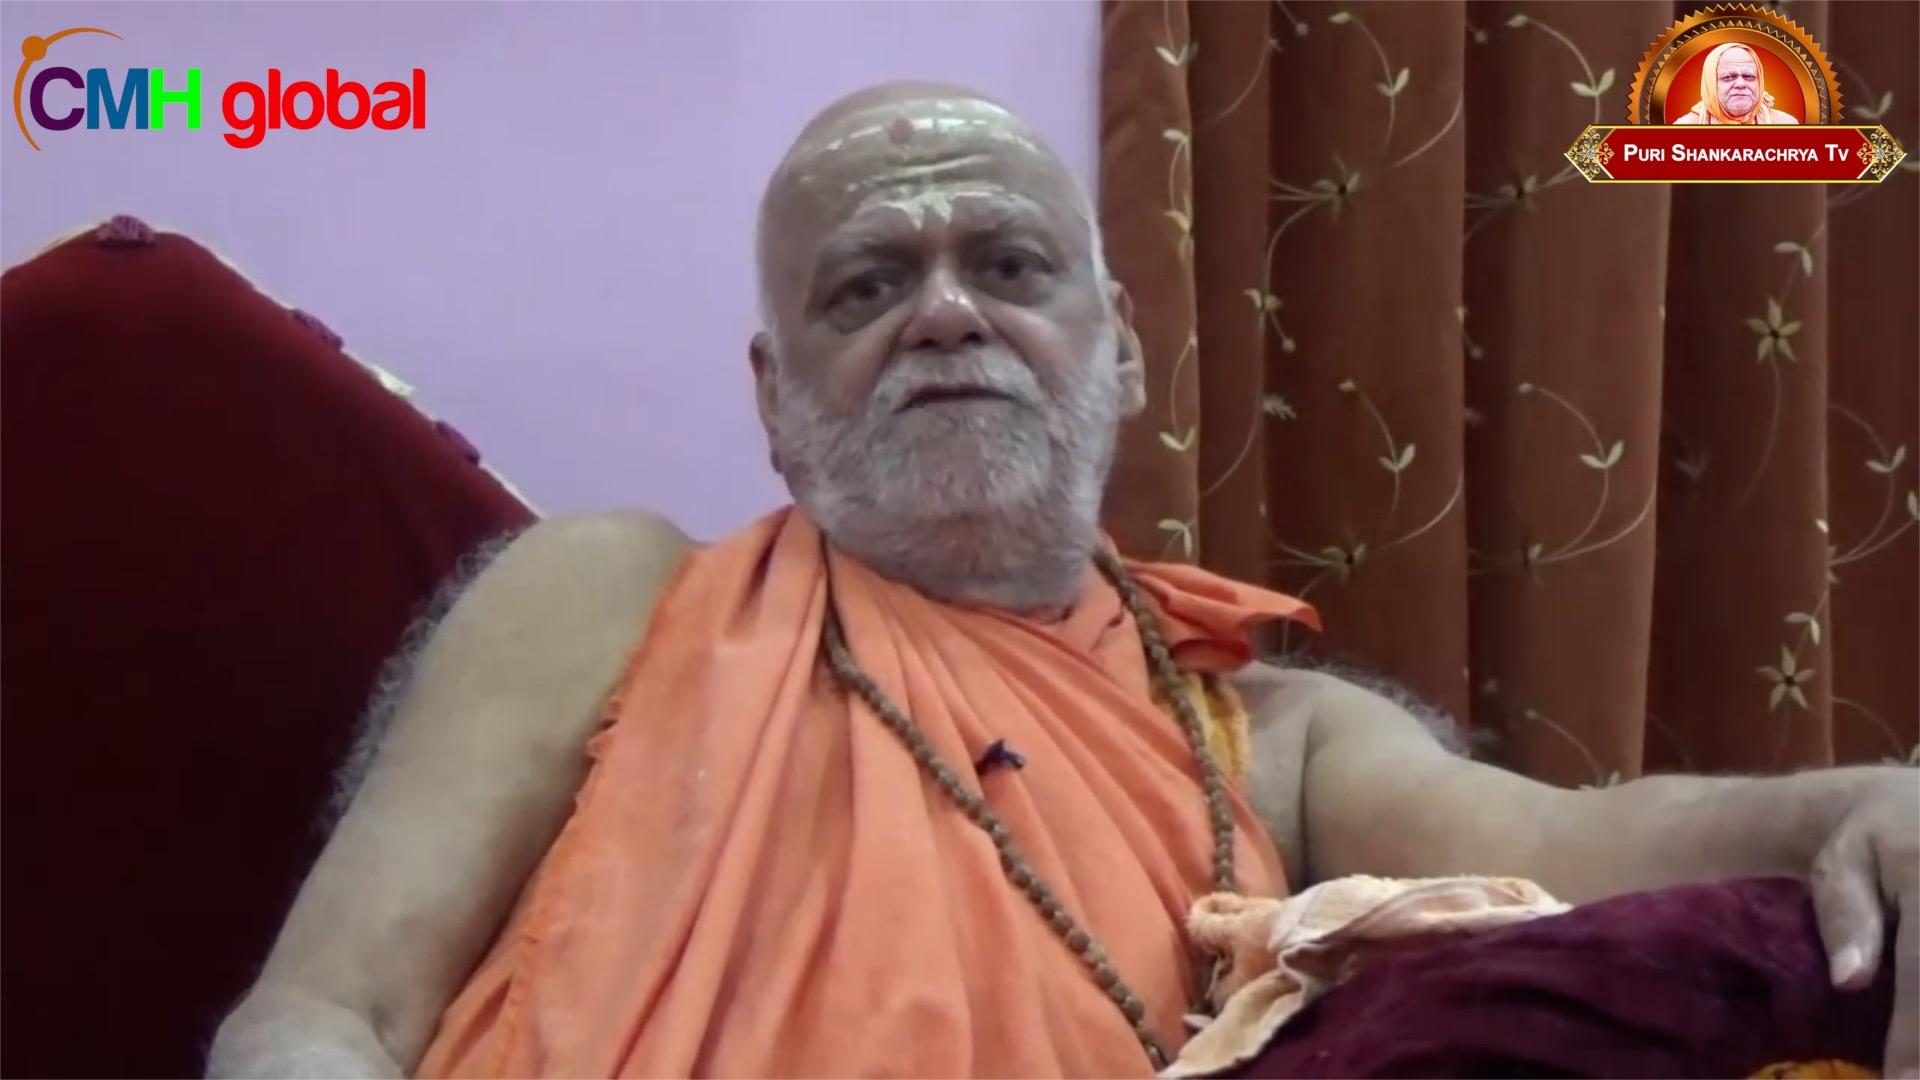 Gyan Dhara Ep -47 by Puri Shankaracharya Swami Nishchalananda Saraswati Ji